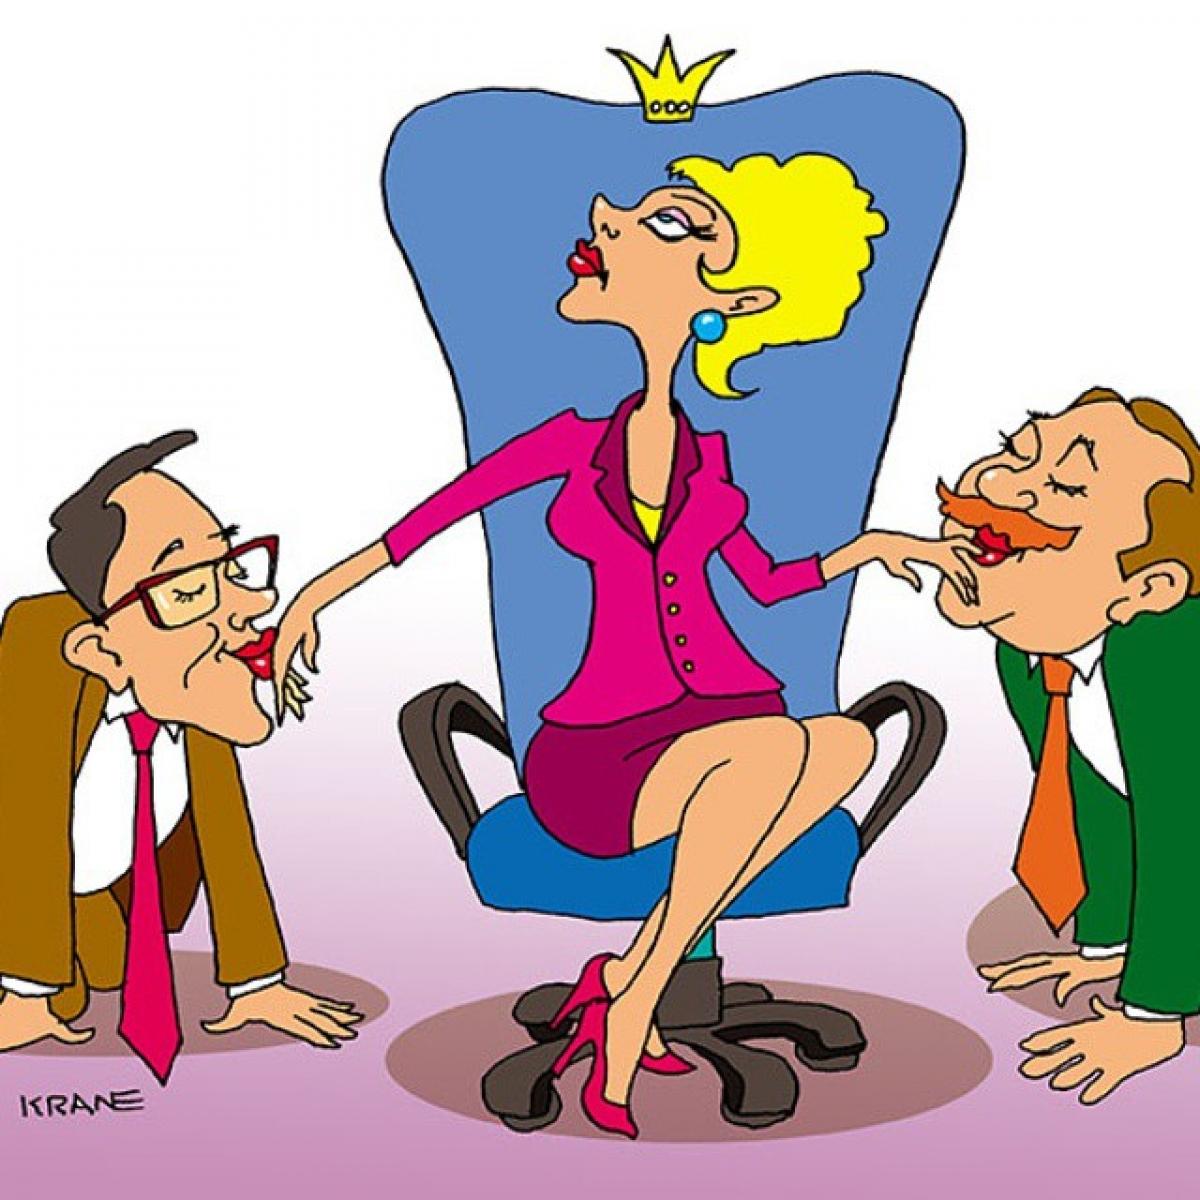 Лето, прикольные картинки для шефа женщины